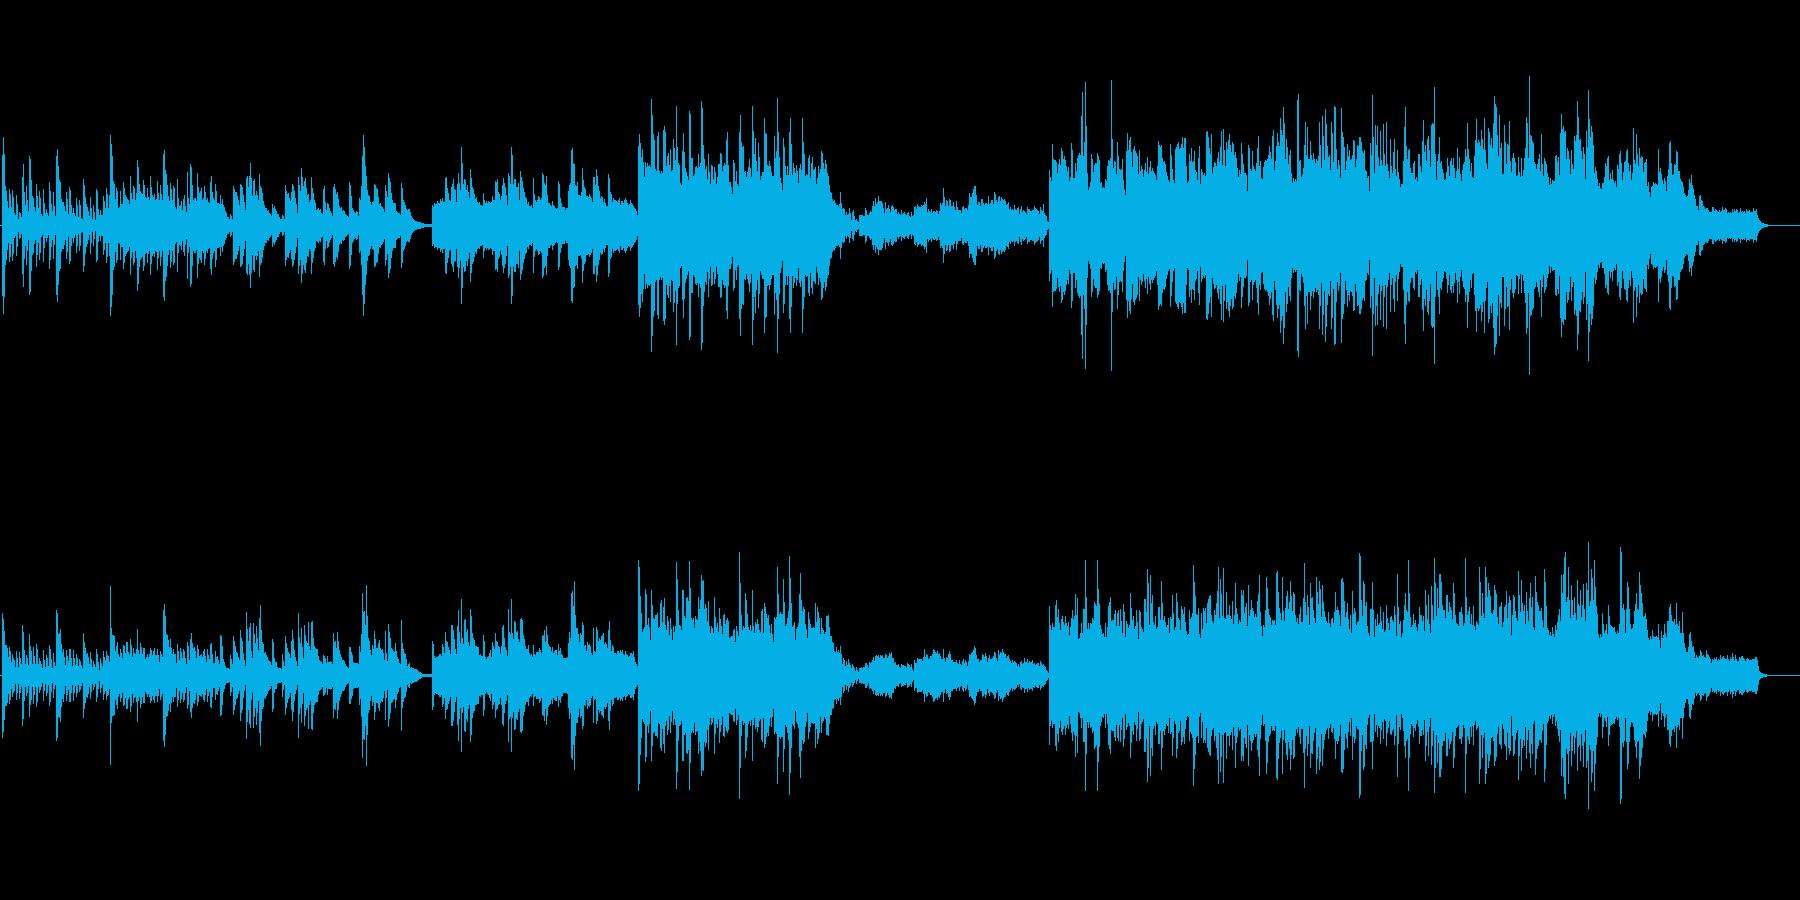 感動シーンに流れるピアノ、ストリングス曲の再生済みの波形